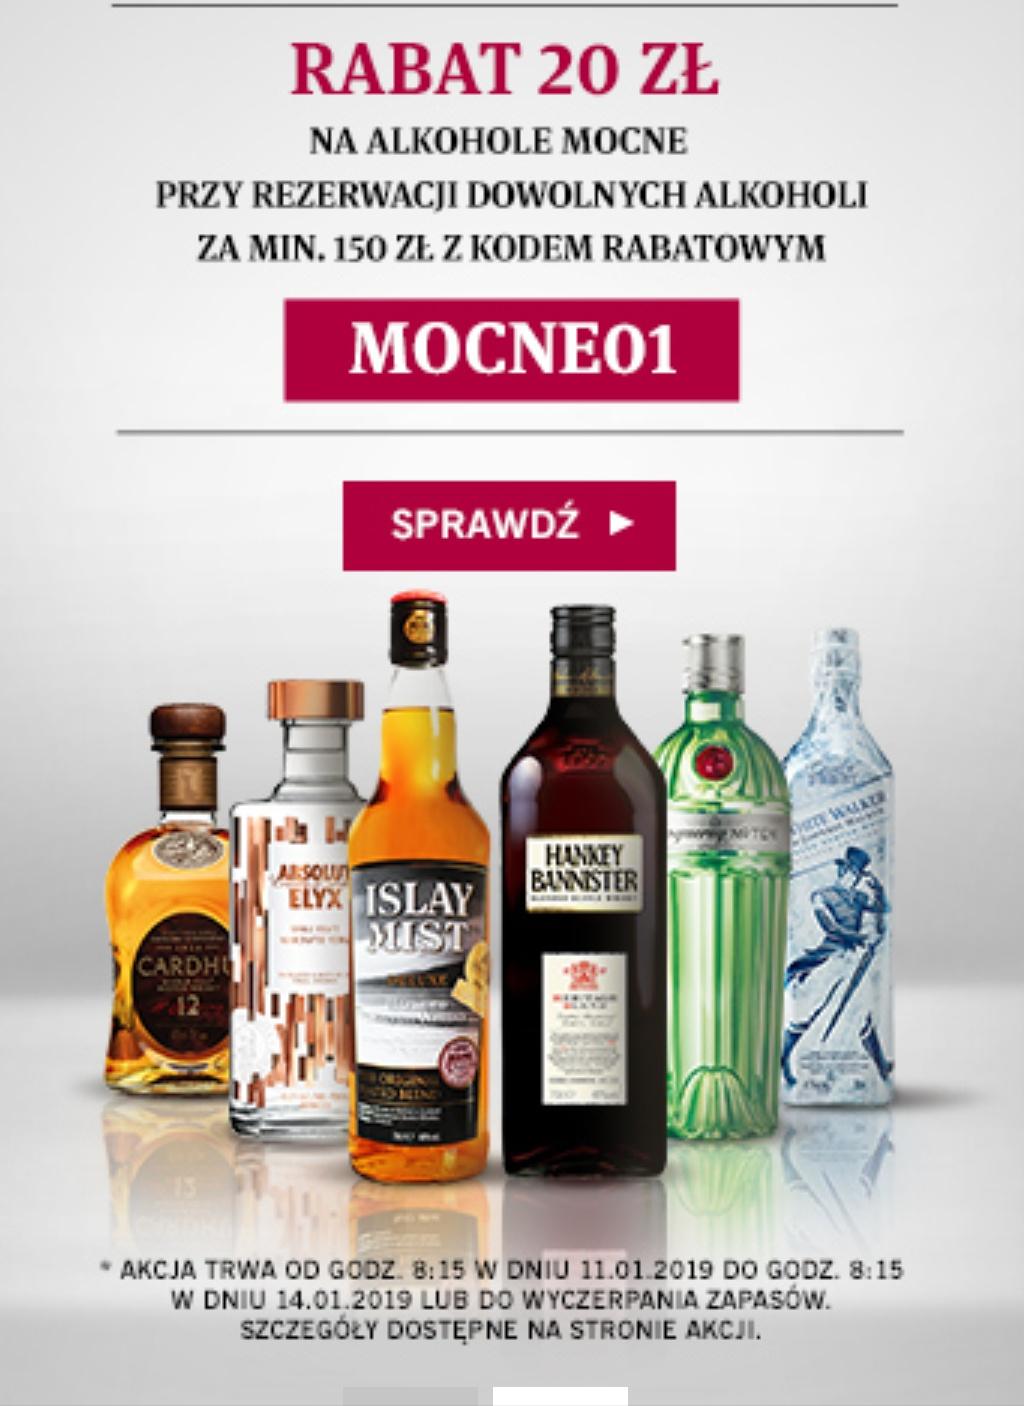 """20 ZŁ RABATU NA ALKOHOLE MOCNE Z KODEM RABATOWYM """"MOCNE01"""""""